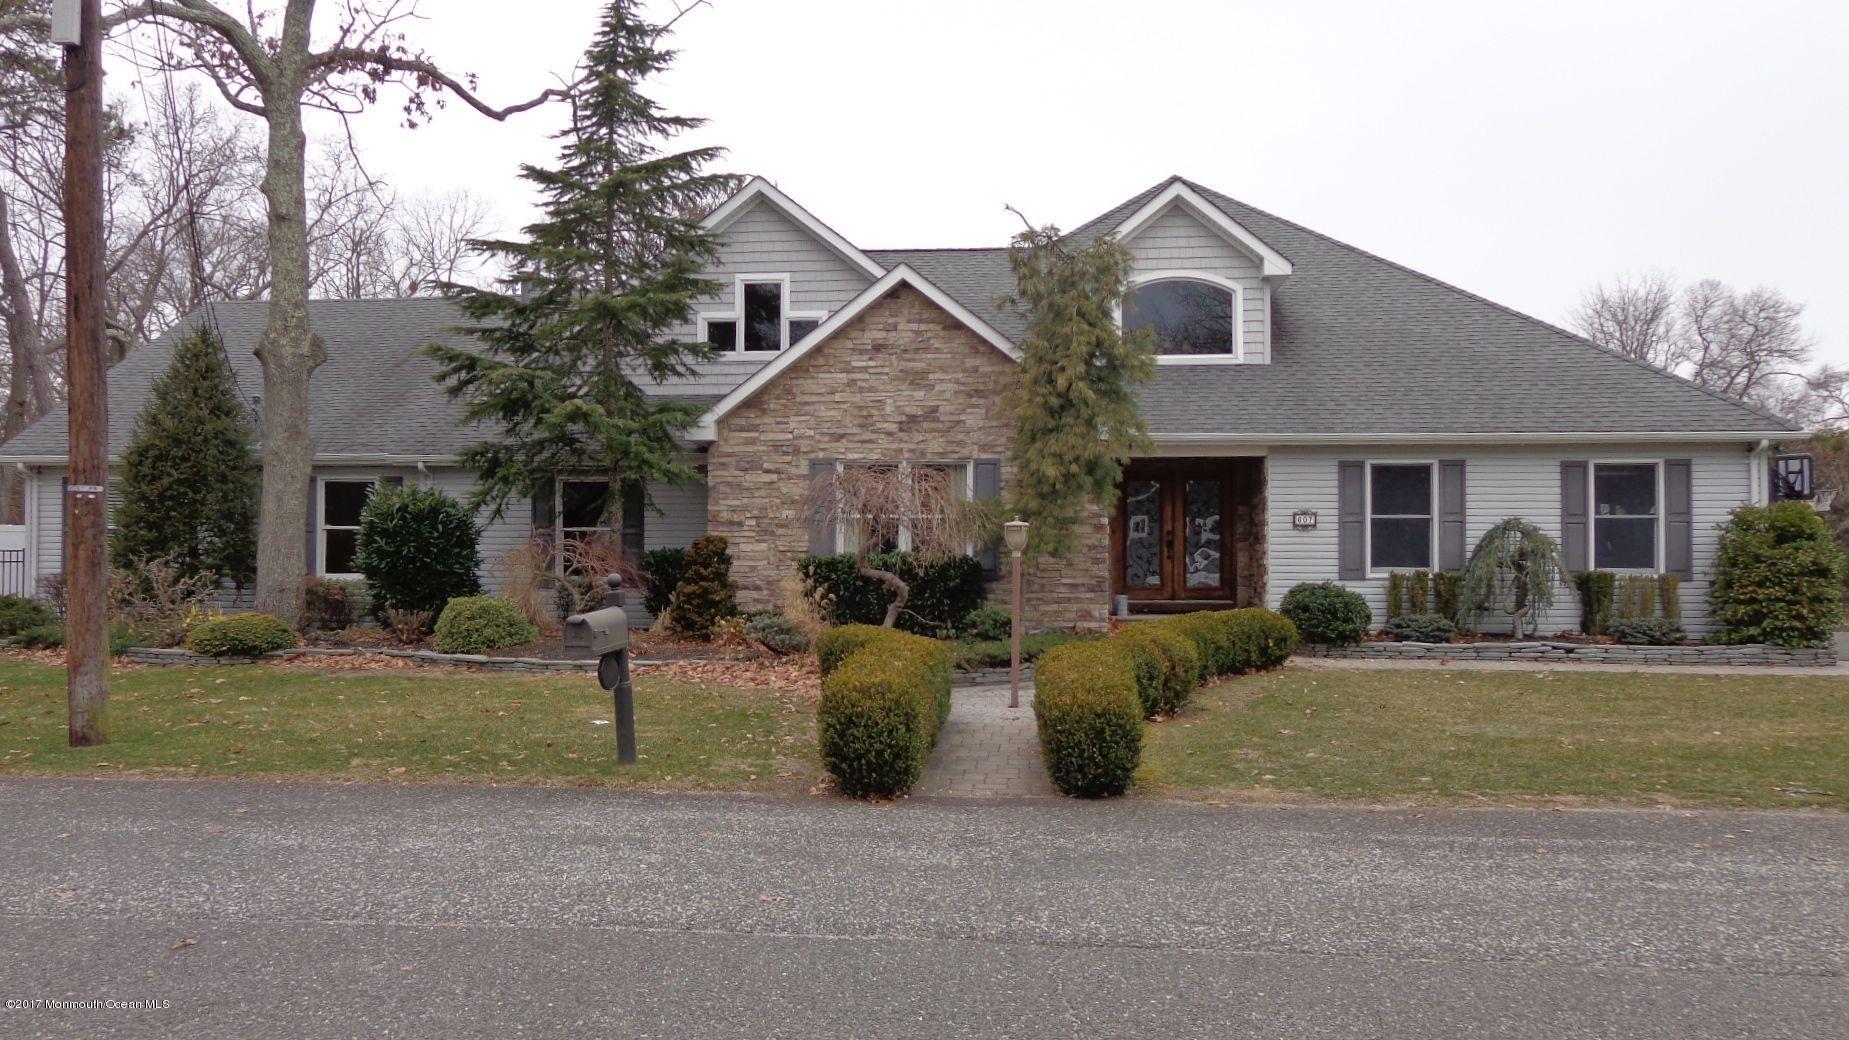 Maison unifamiliale pour l Vente à 607 Cedar Avenue Pine Beach, New Jersey 08741 États-Unis